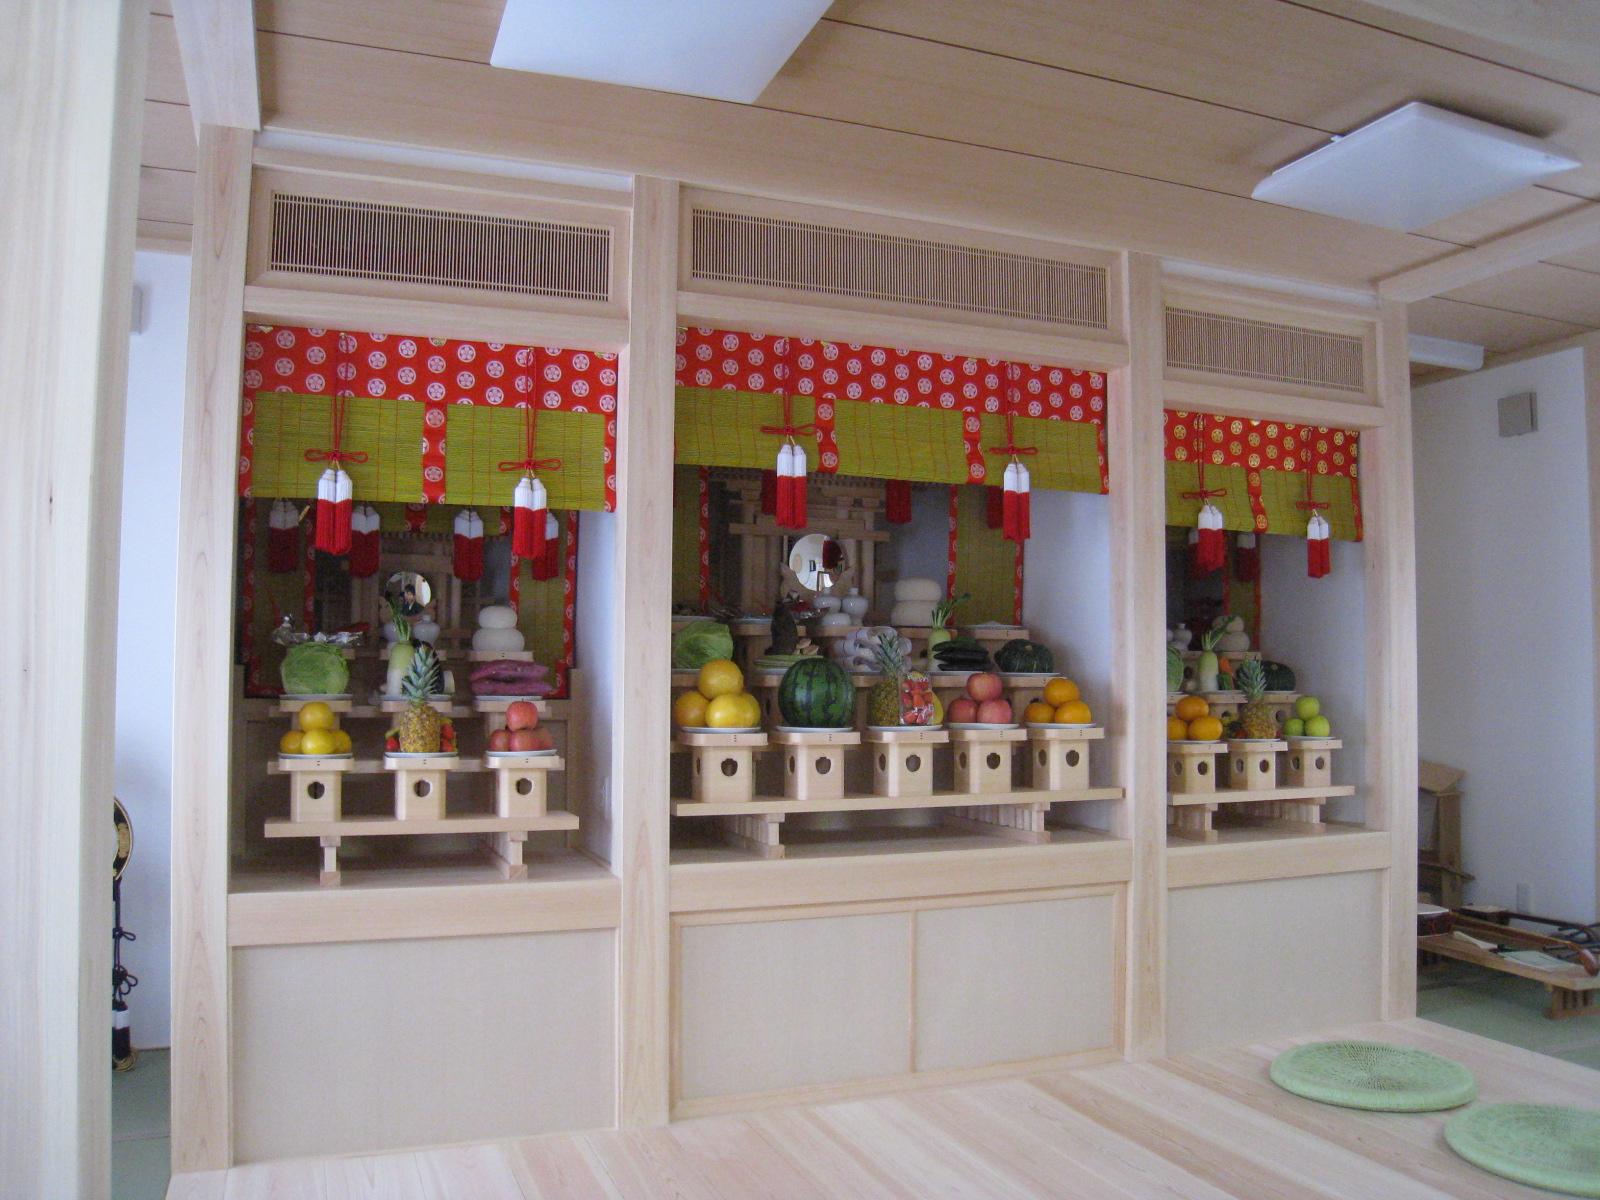 東京江戸川で家造り6代150年                kgoseki